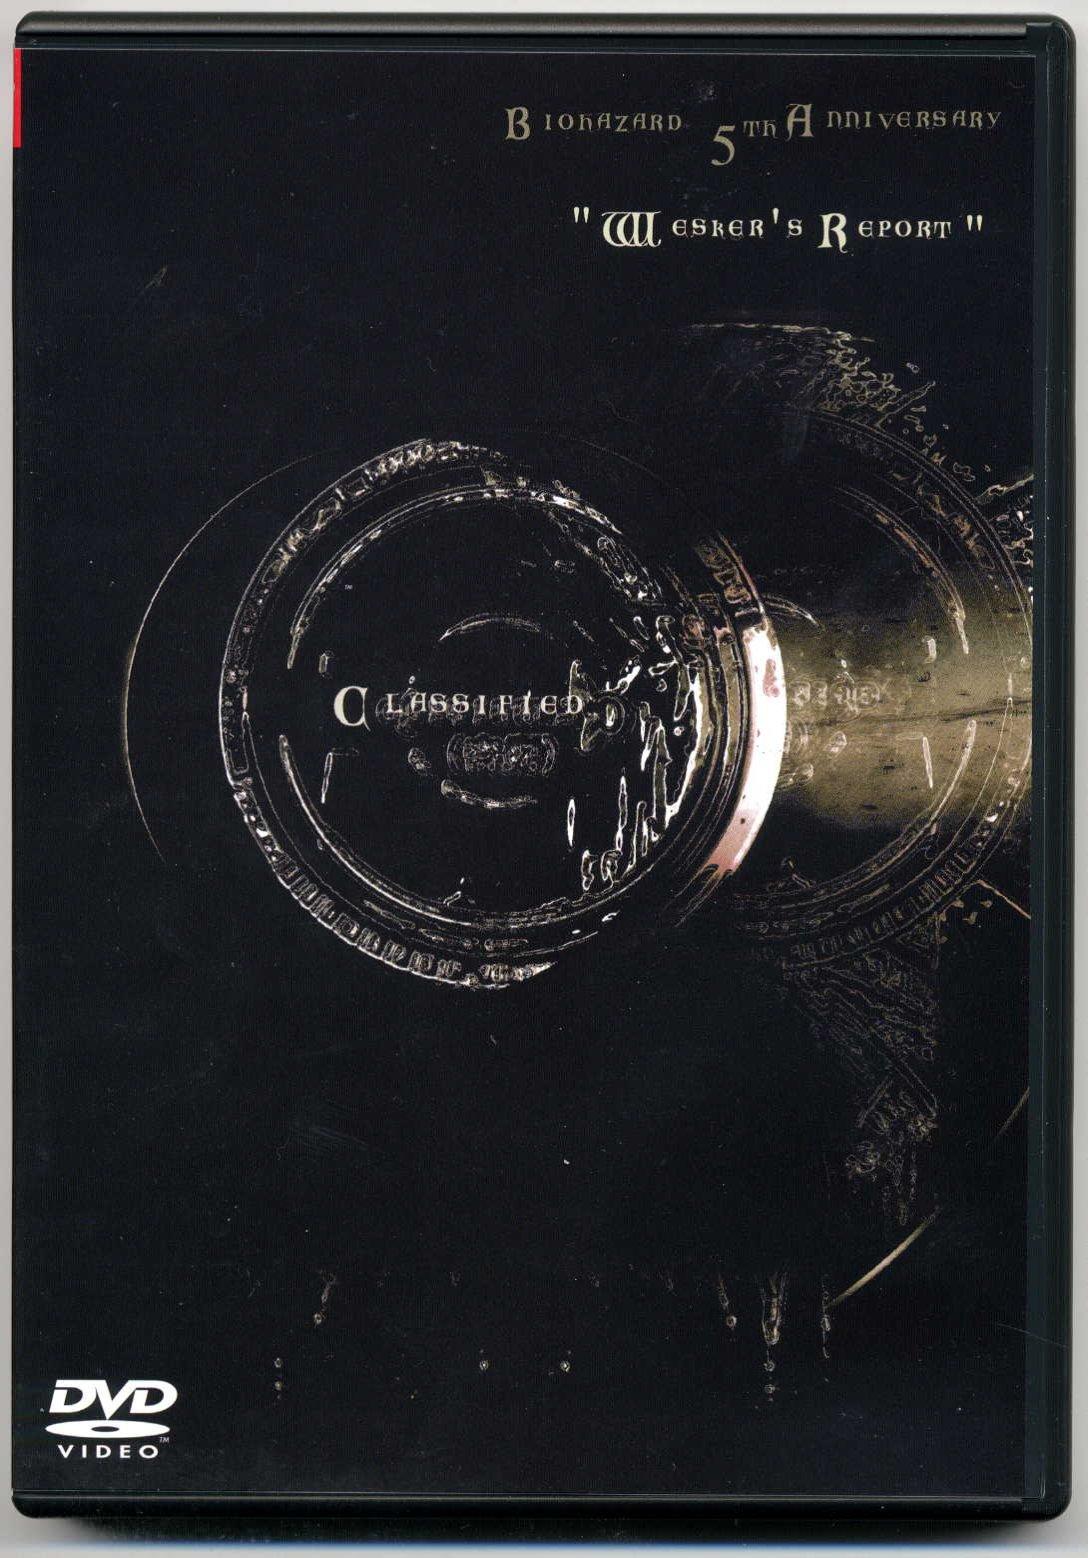 HUDSONec, Collectionneur & Passionné -> part 1 Weskerdvd_front